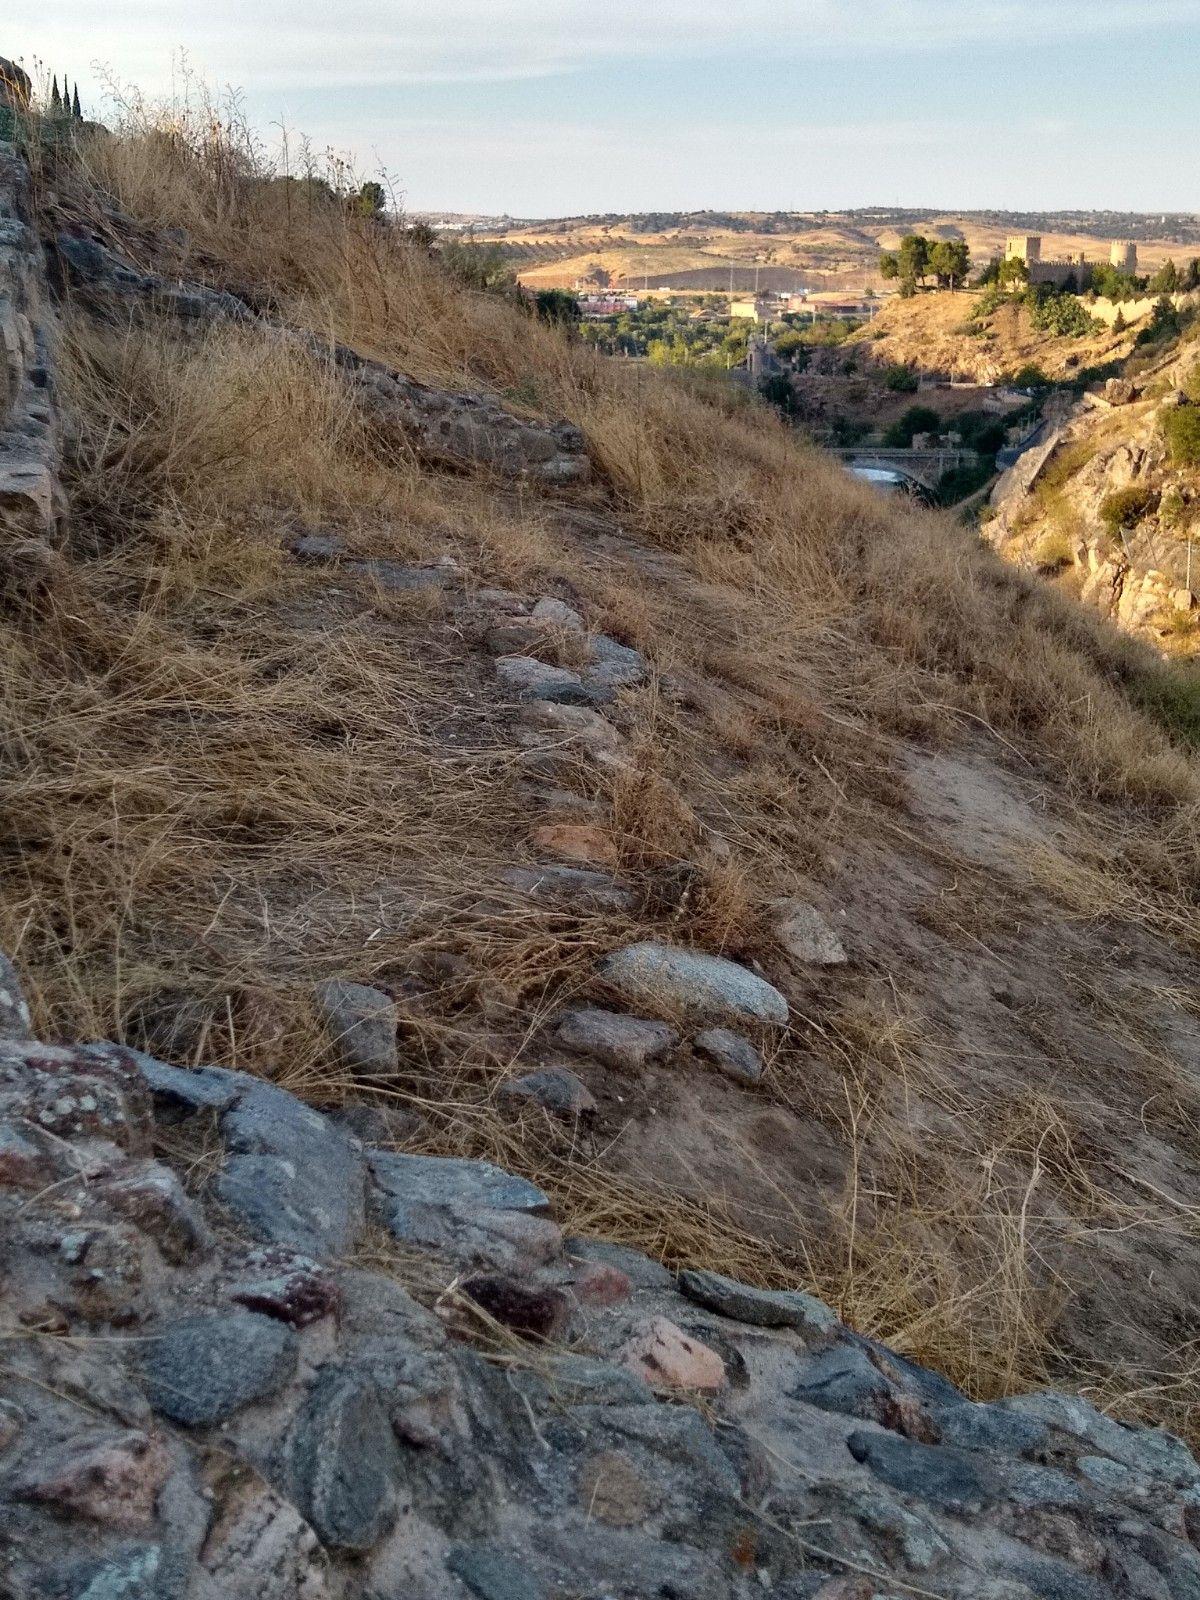 Se aprecia la base del muro de una cabaña circular, parte quedó oculta por una muralla que se construyó después